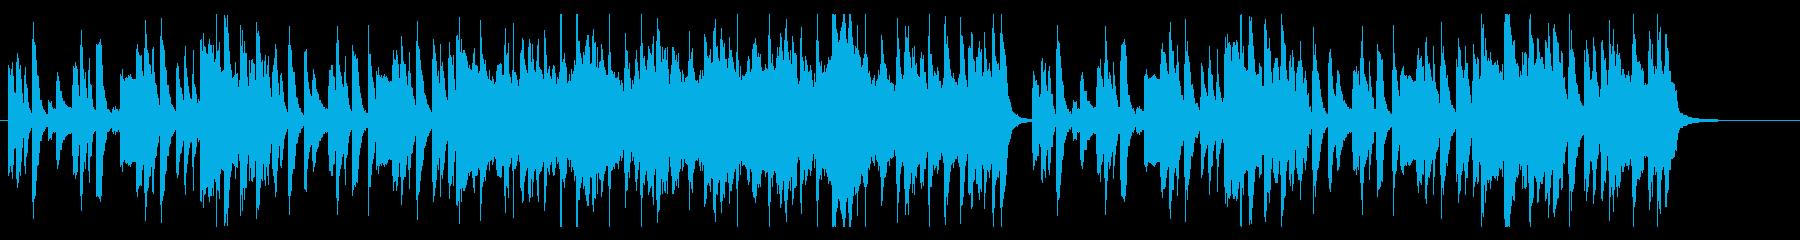 日常のほのぼのとした雰囲気のBGMの再生済みの波形